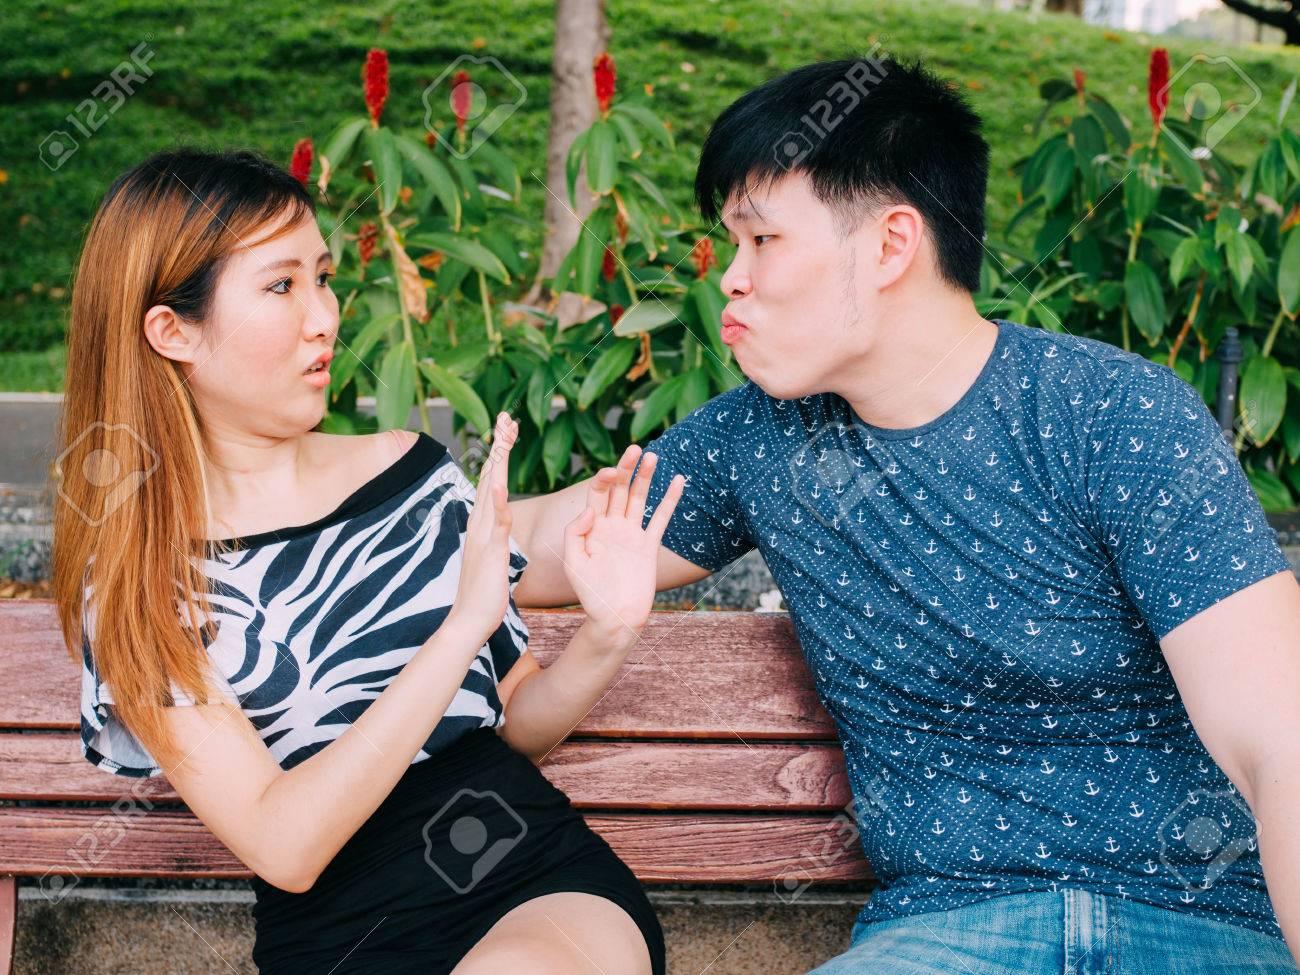 jeunes filles asiatiques ayant des rapports sexuels